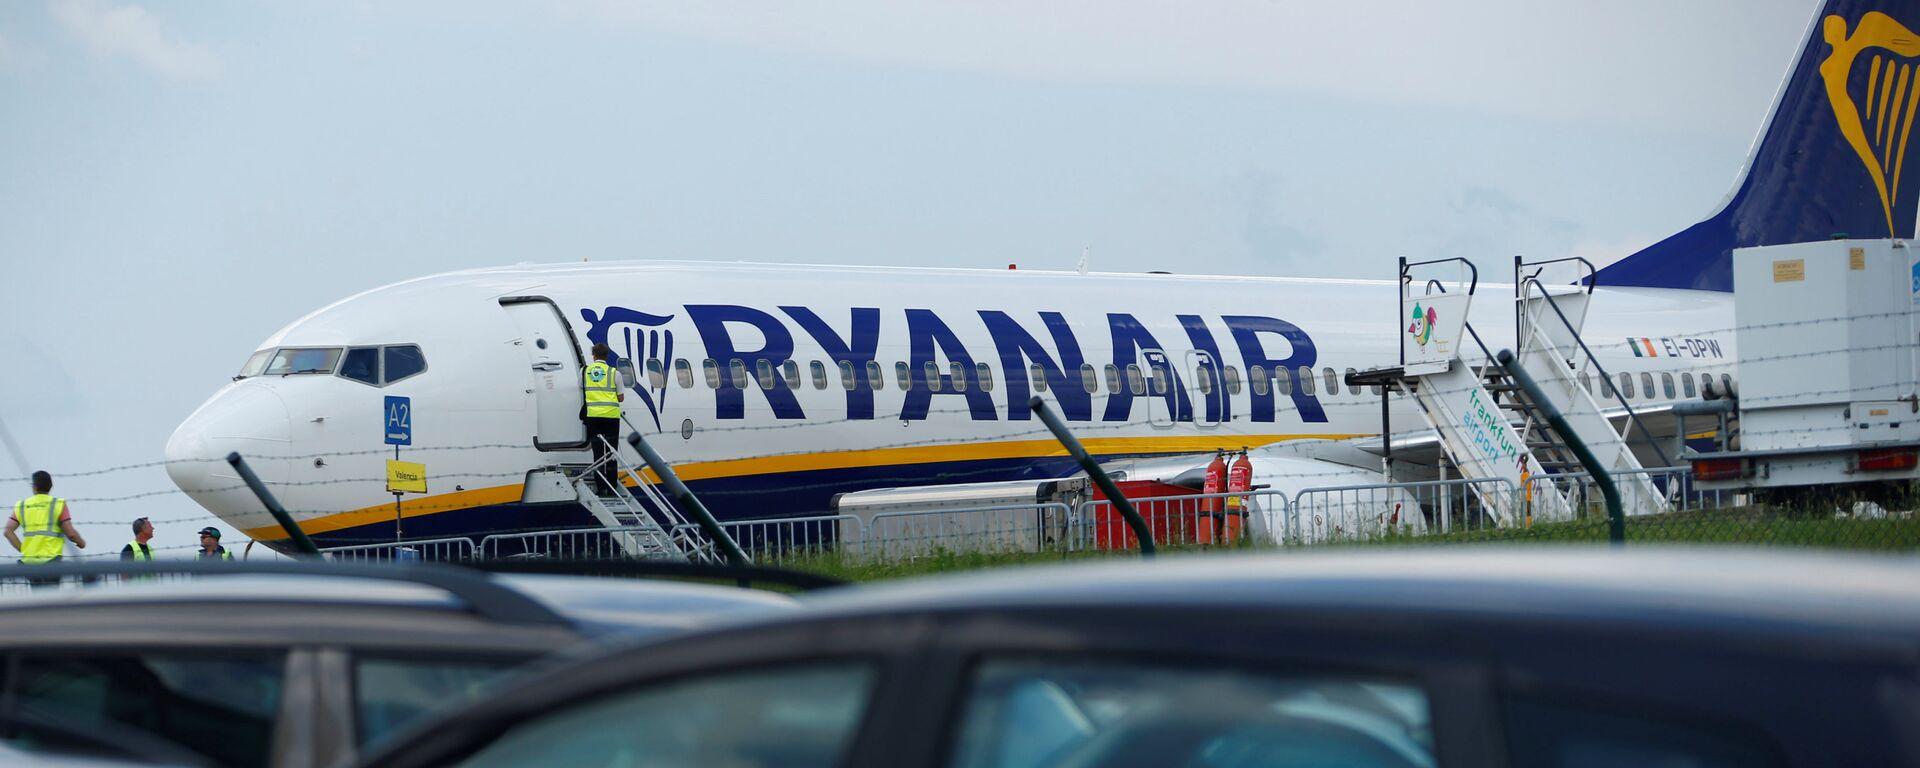 Avión de aerolínea Ryanair en el aeropuerto de Frankfurt - Sputnik Mundo, 1920, 25.05.2021